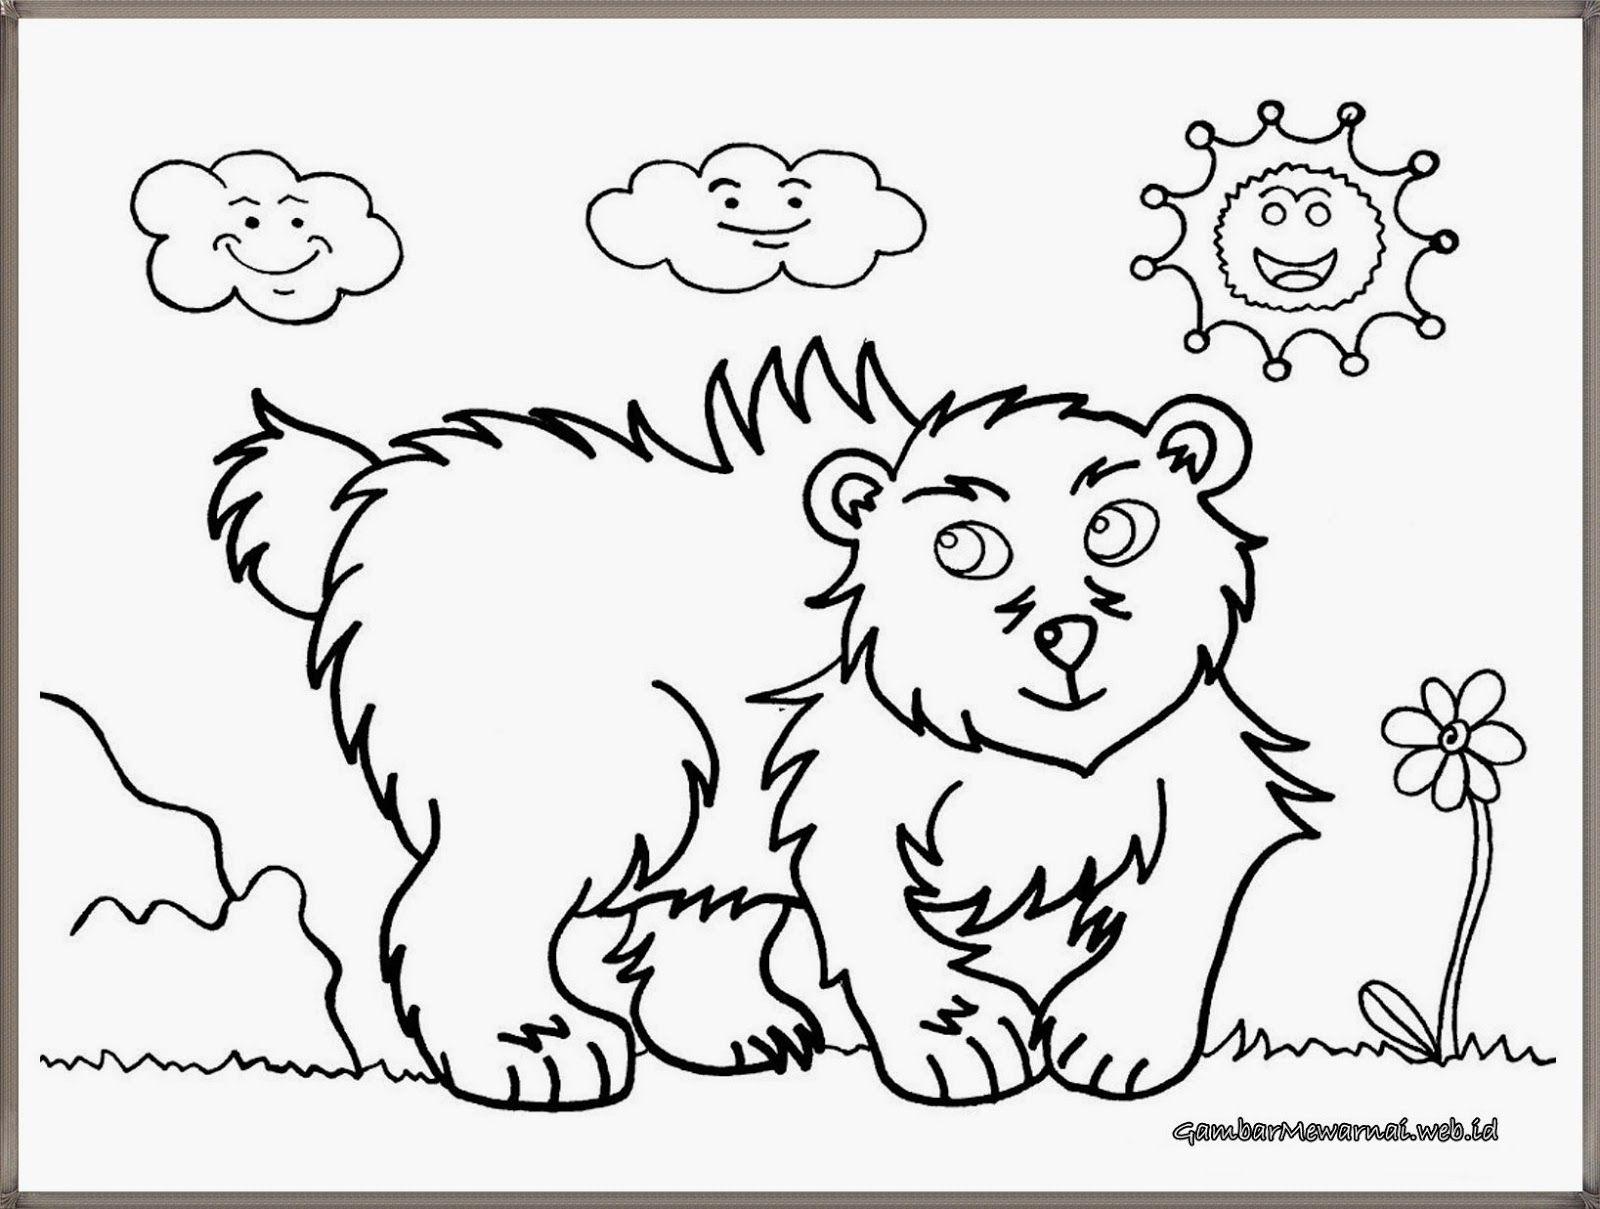 gambar mewarnai anak beruang